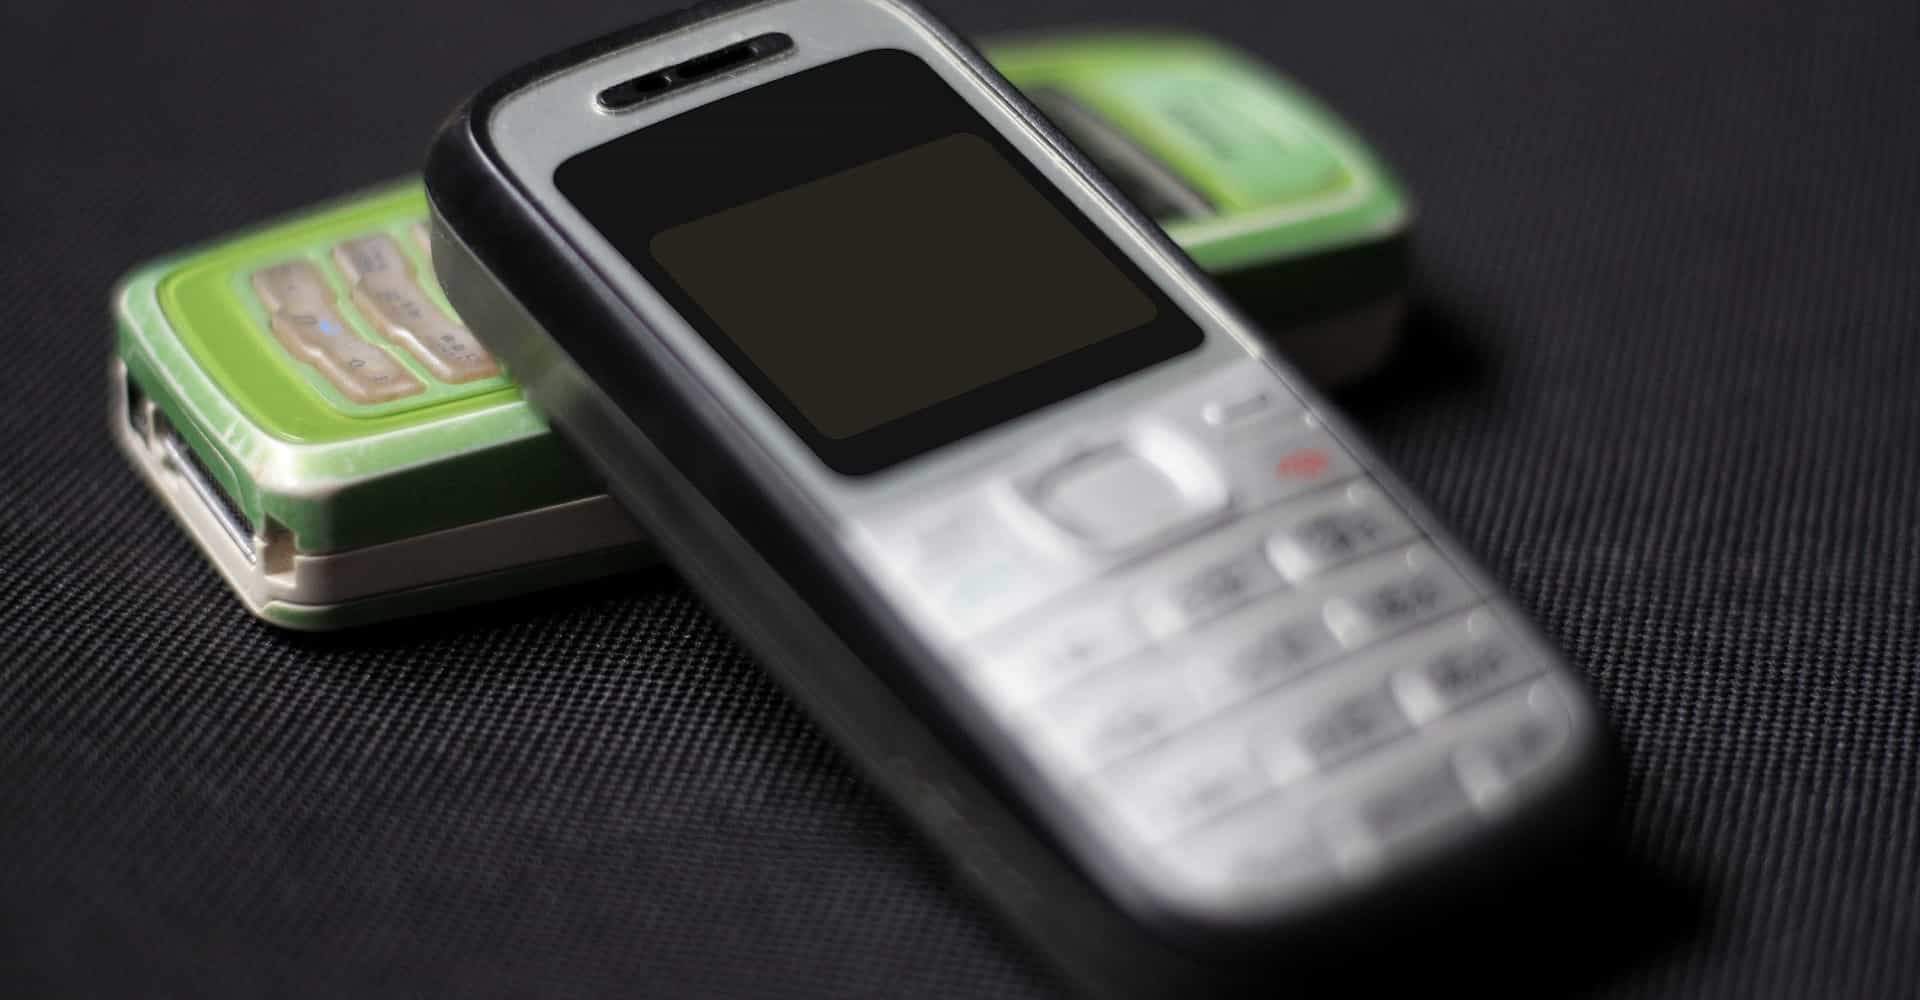 De voordelen van een 'domme telefoon'